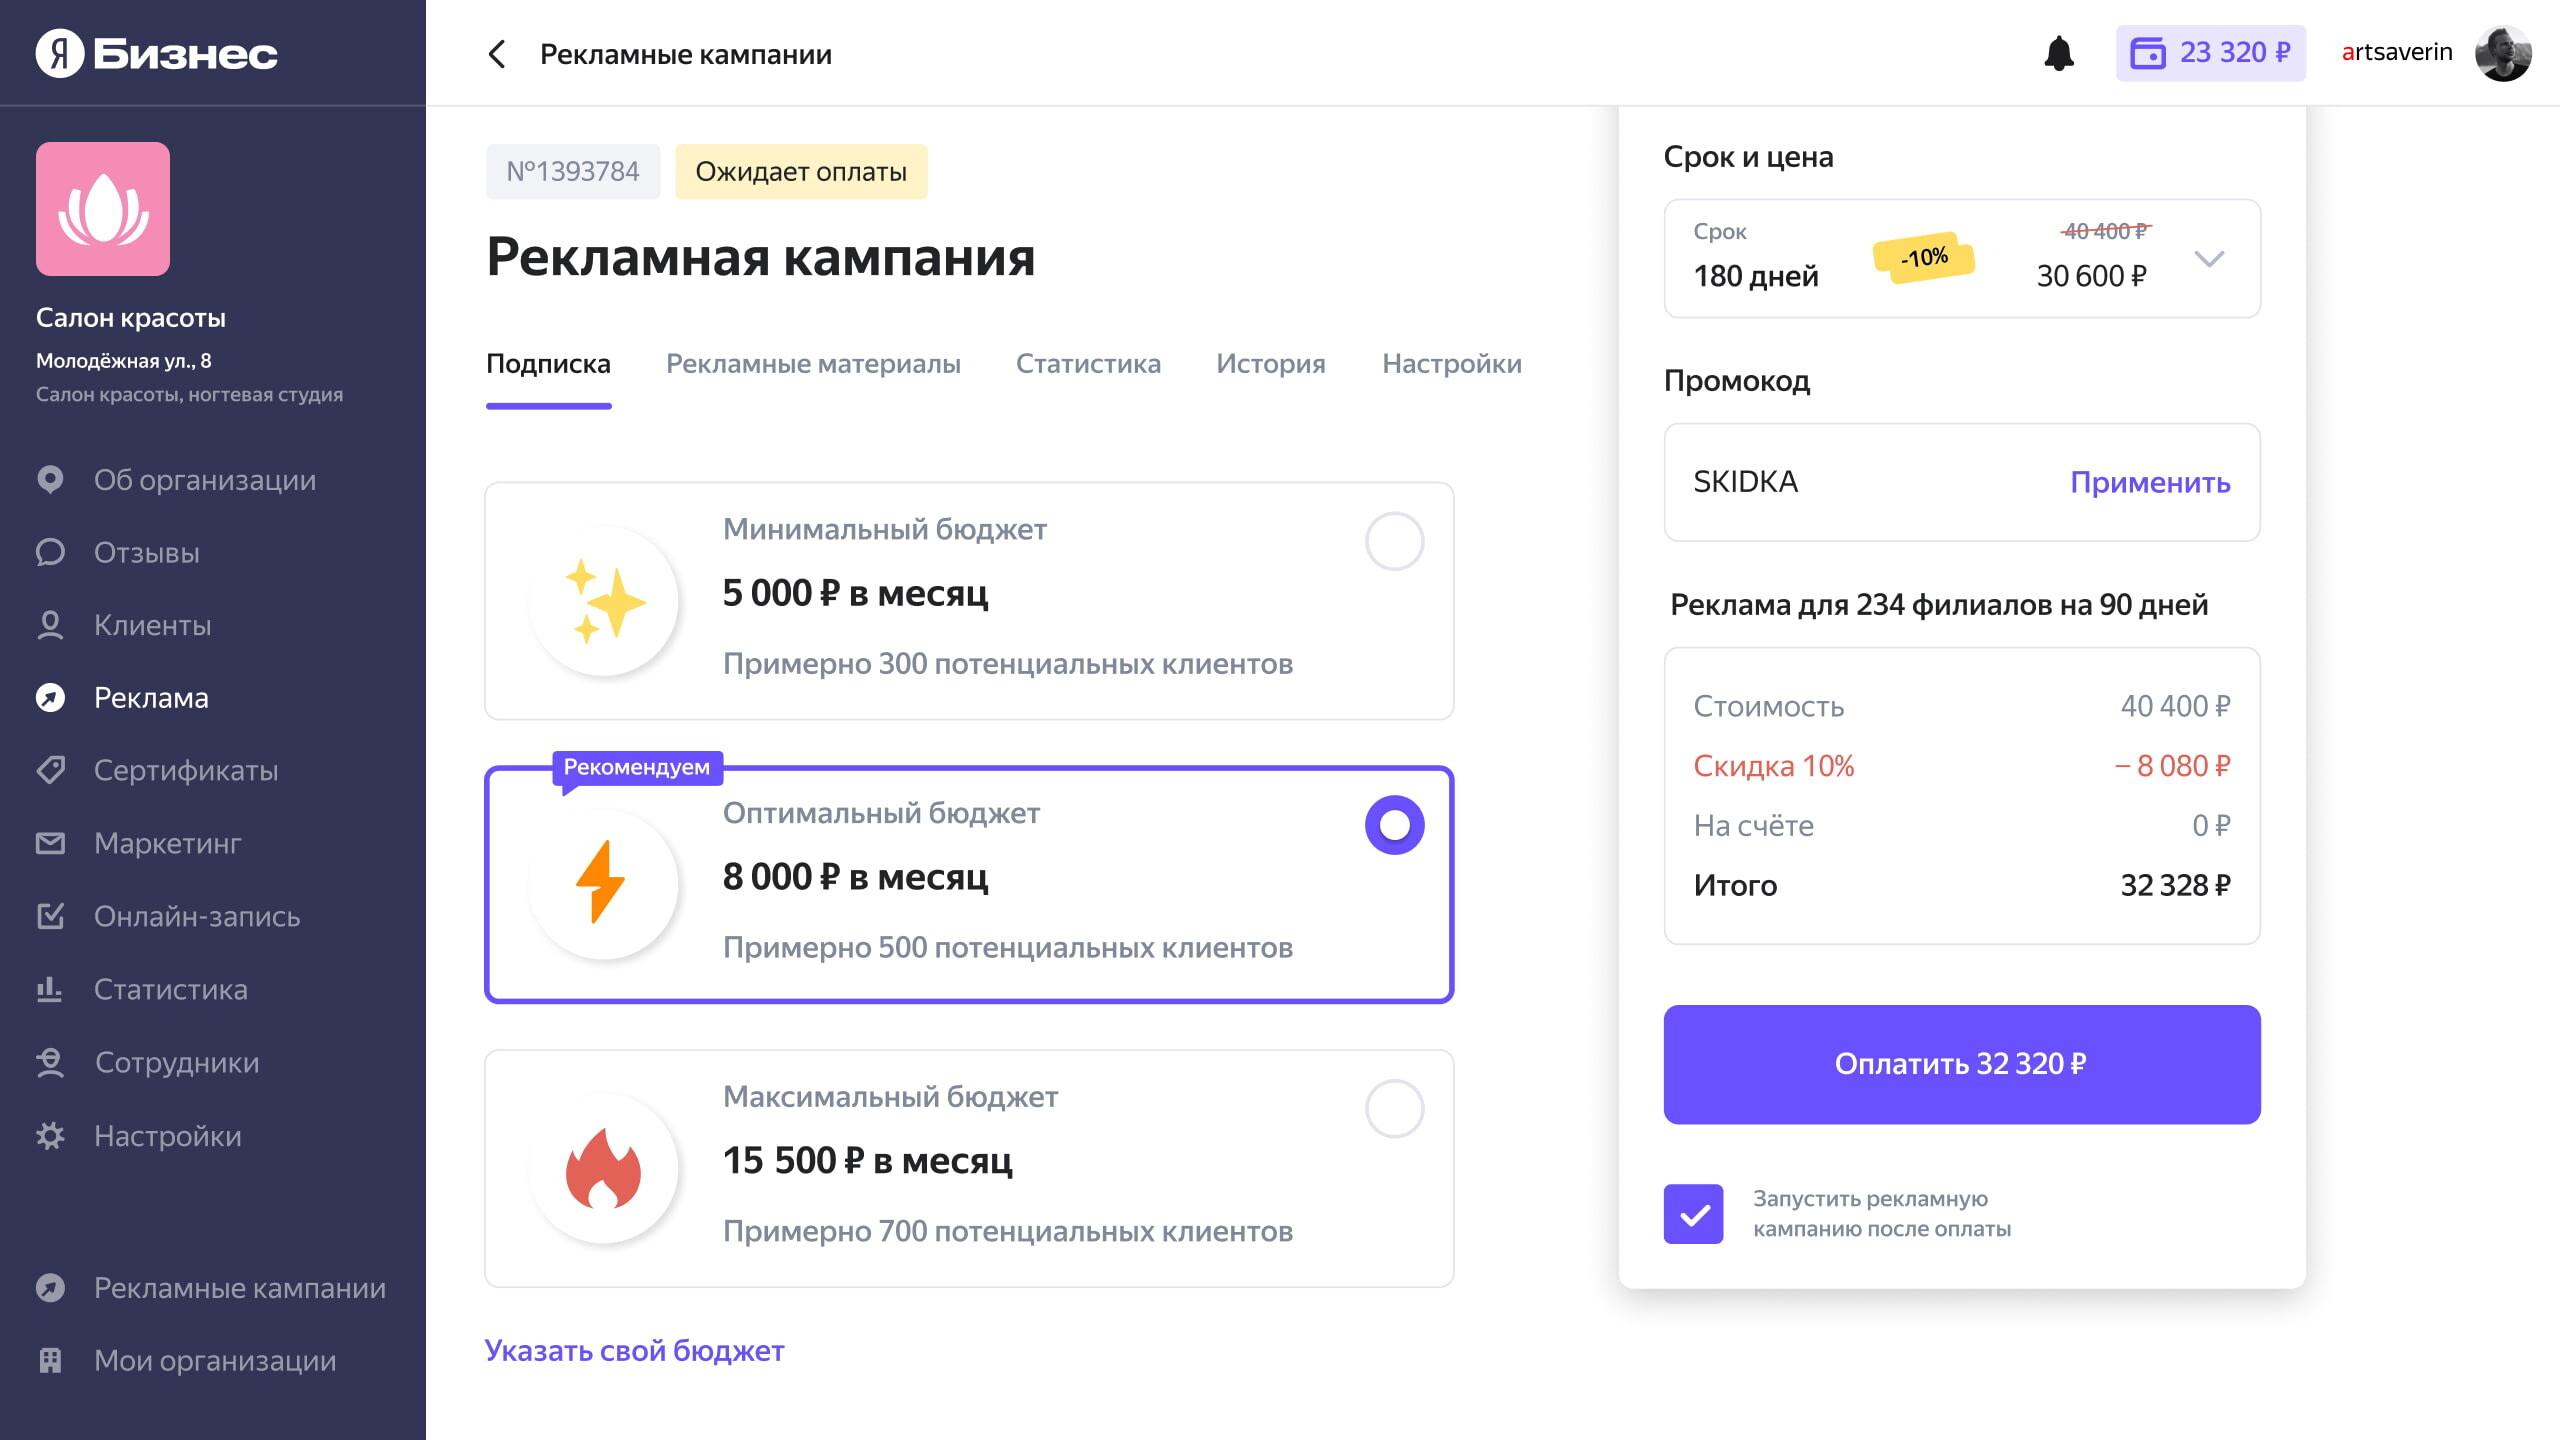 «Яндекс» анонсировал сервис с услугами для малого бизнеса